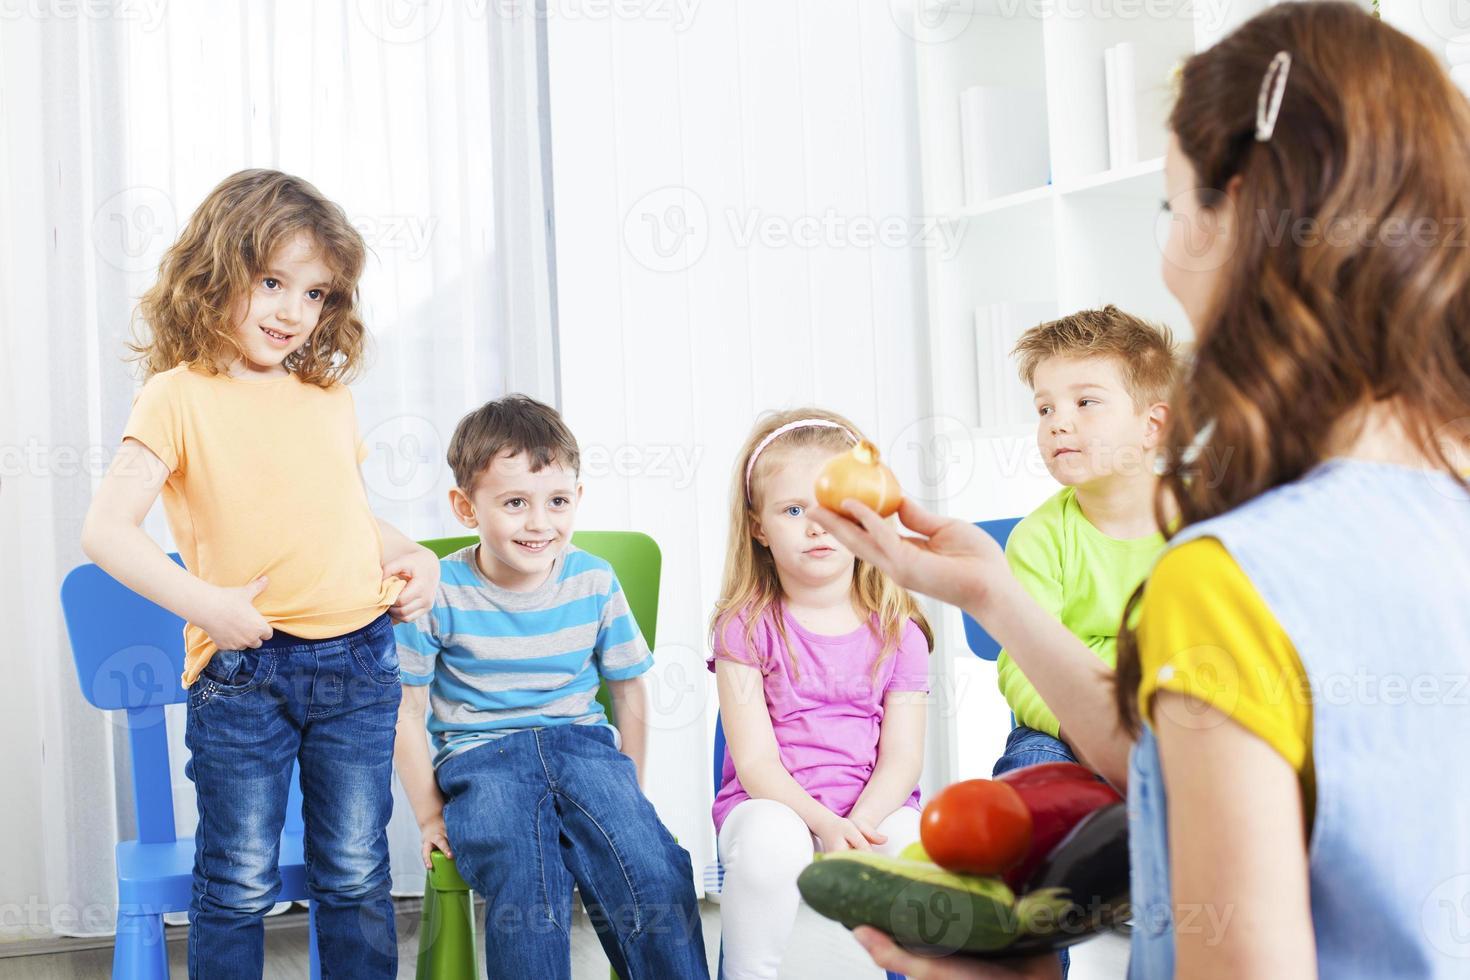 les enfants apprennent les légumes. photo